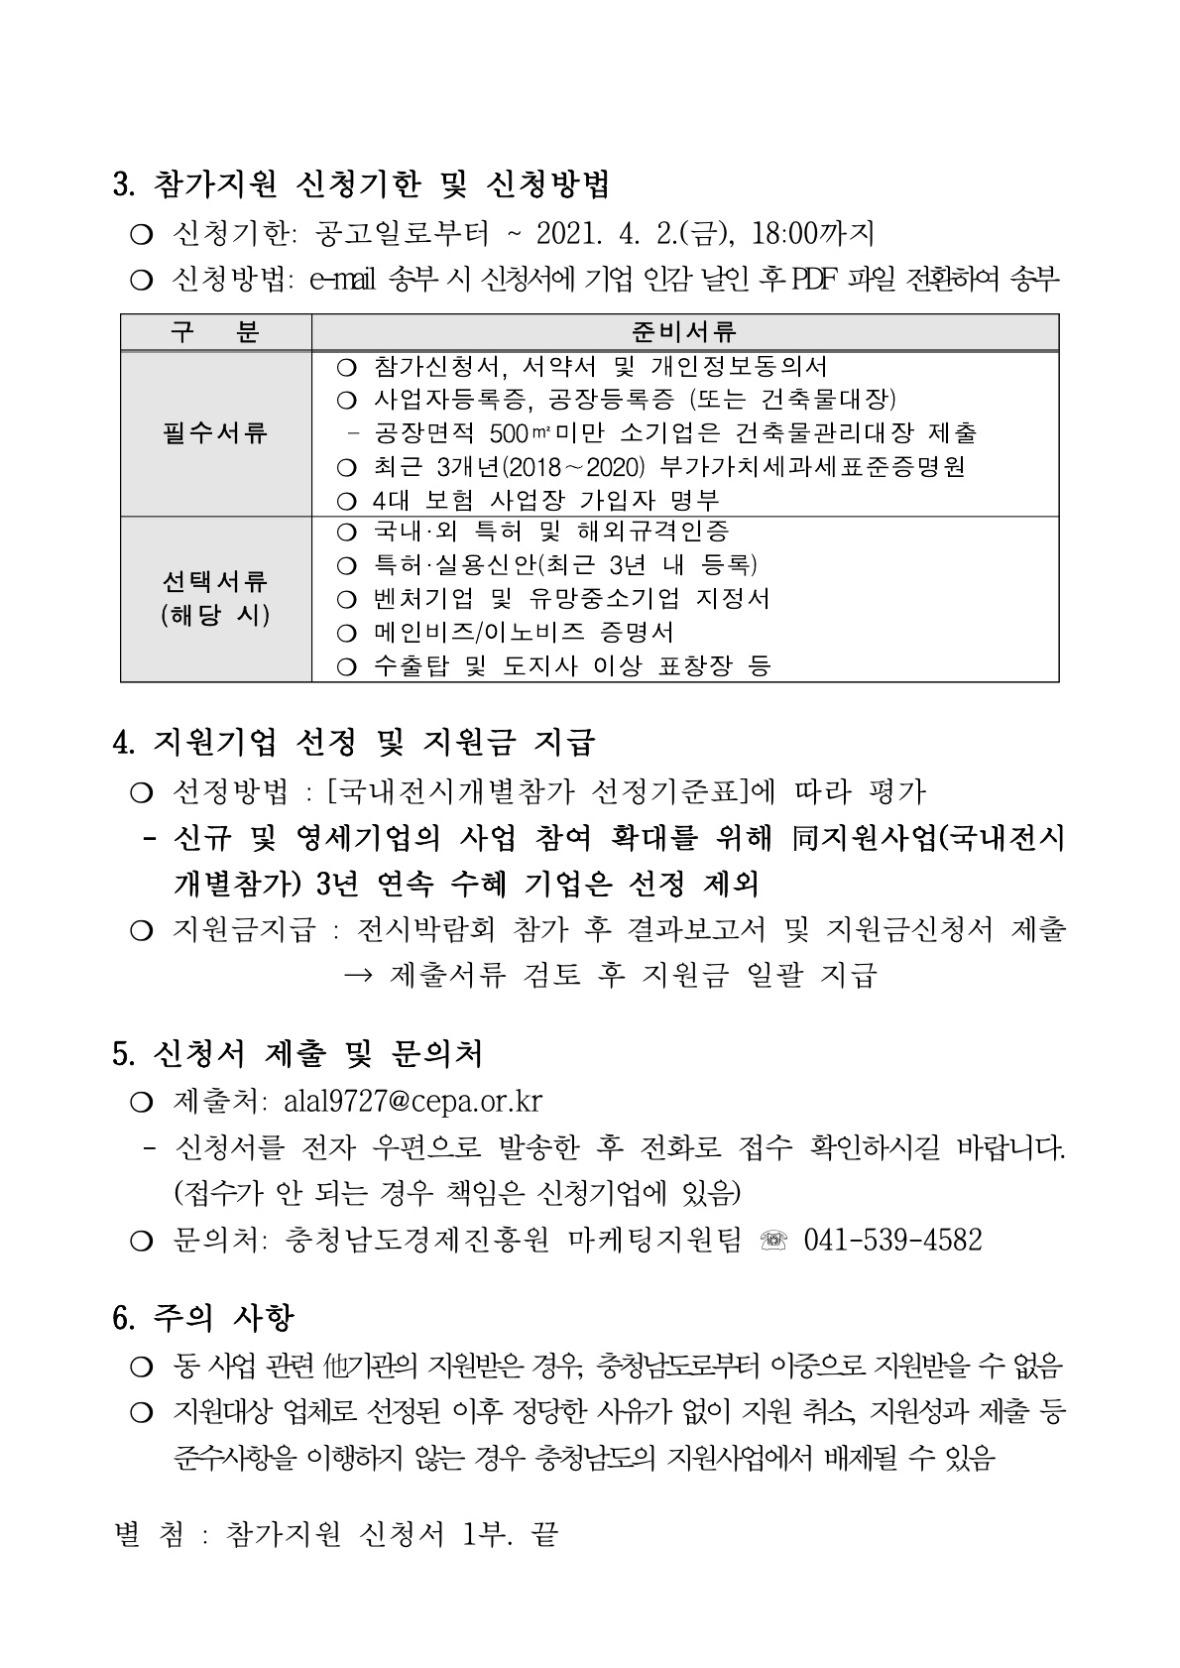 2021년 국내 전시박람회 개별참가지원 공고문_2.jpg